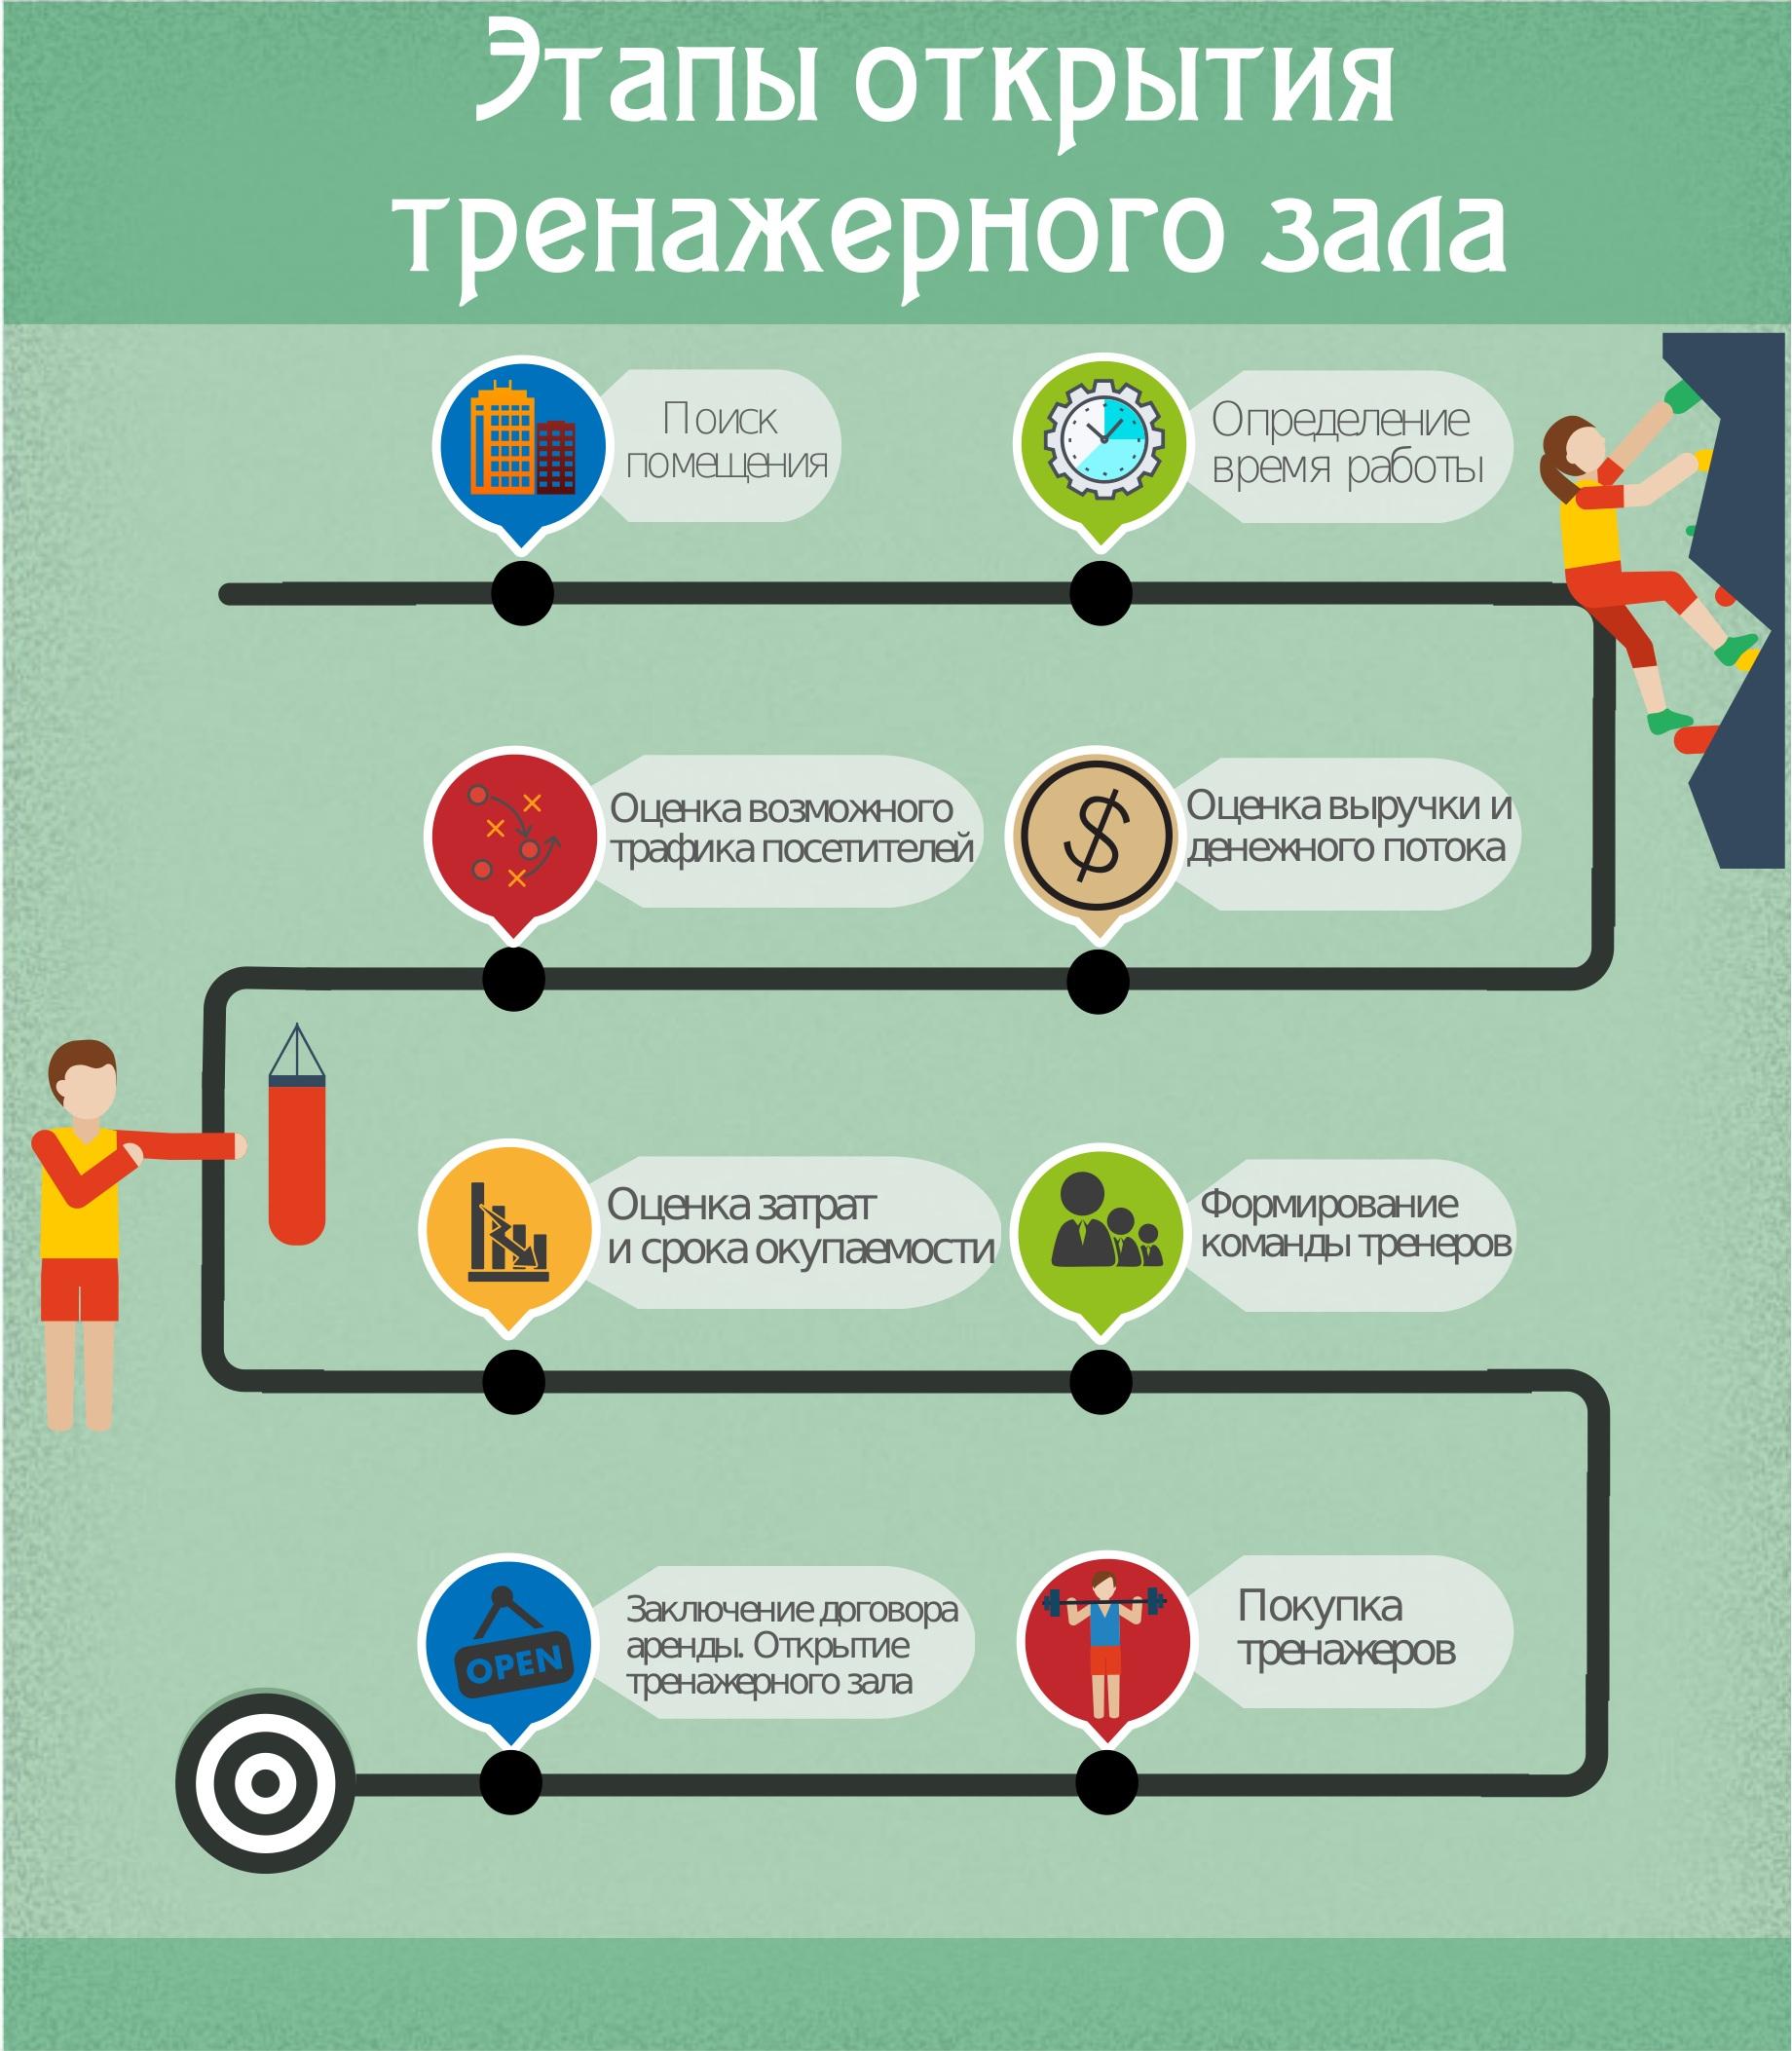 Как открыть тренажерный зал: бизнес план